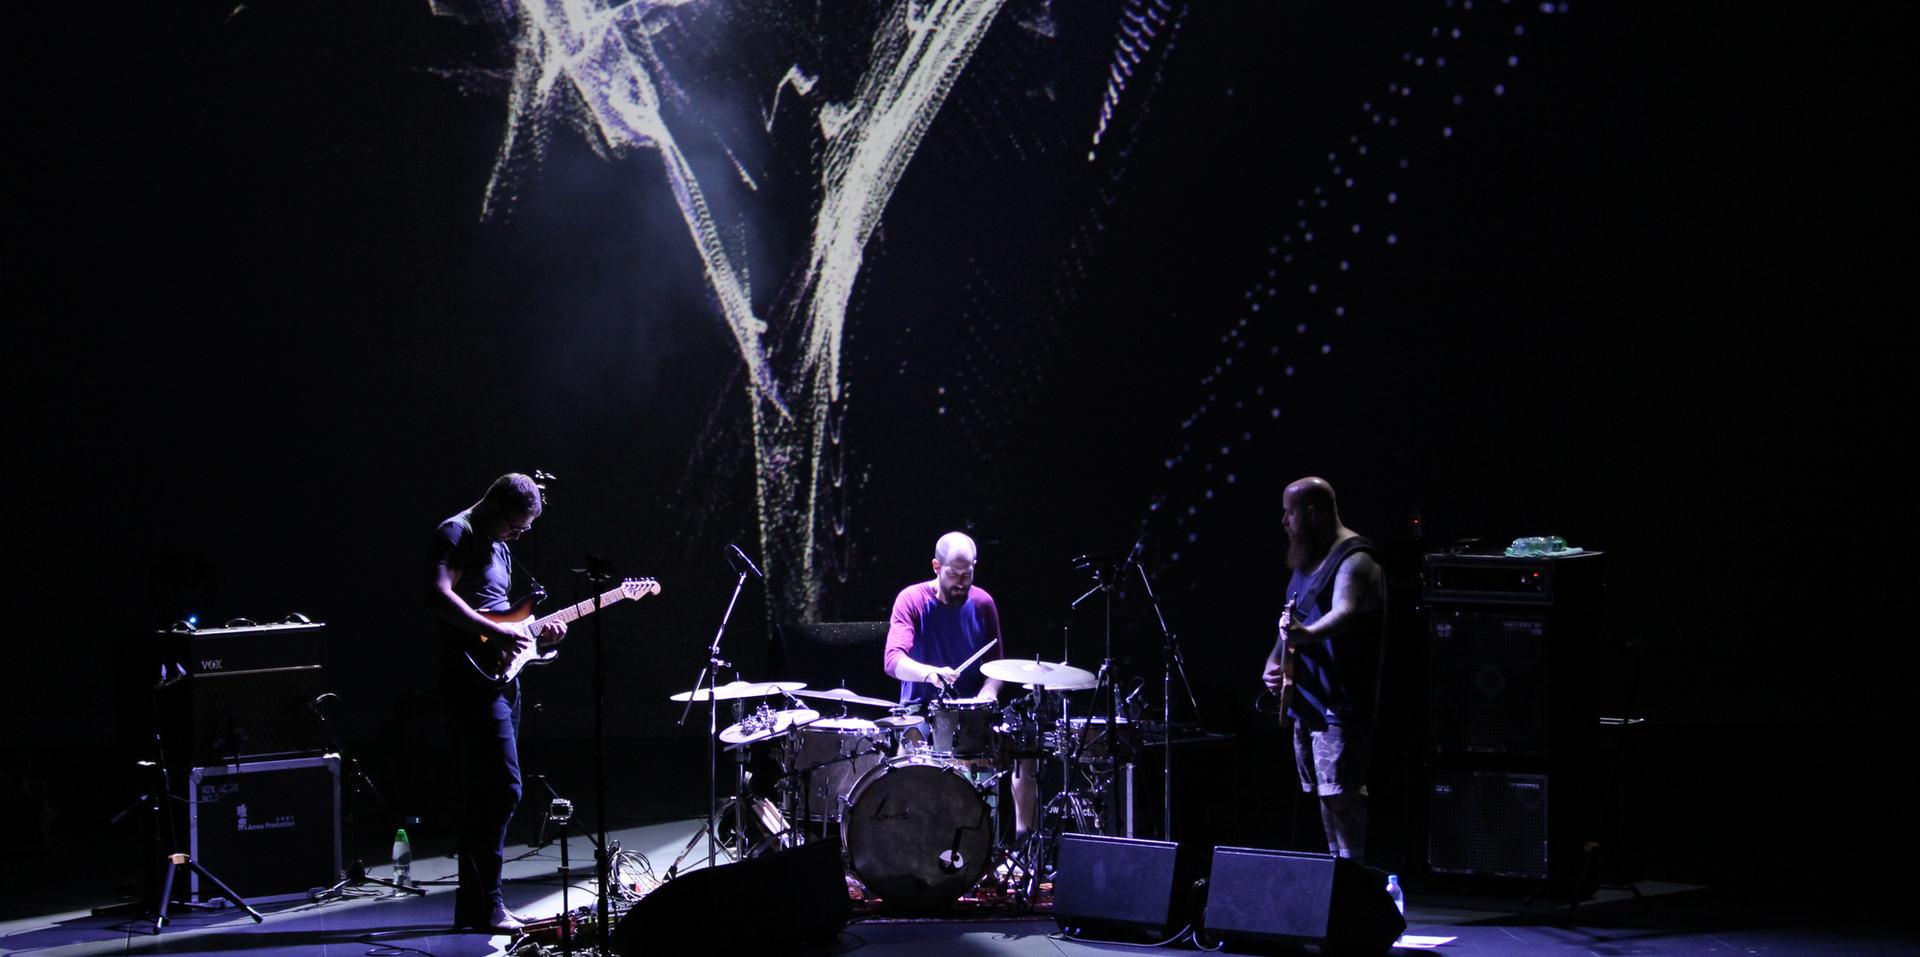 2017 HKDrumFest